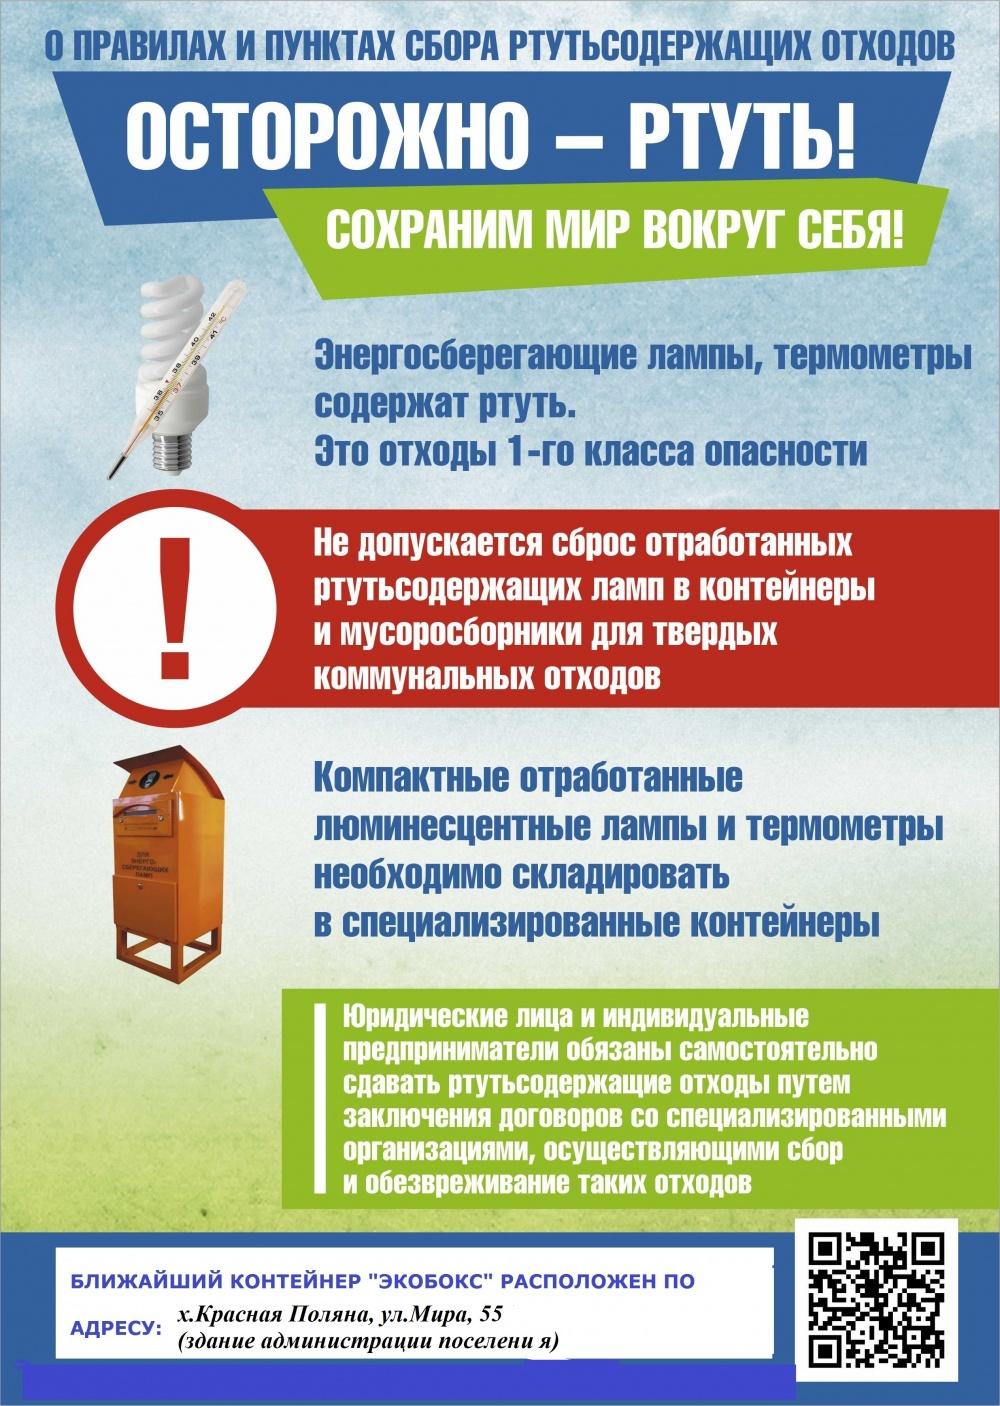 Объявление о приеме люминесцентных ламп